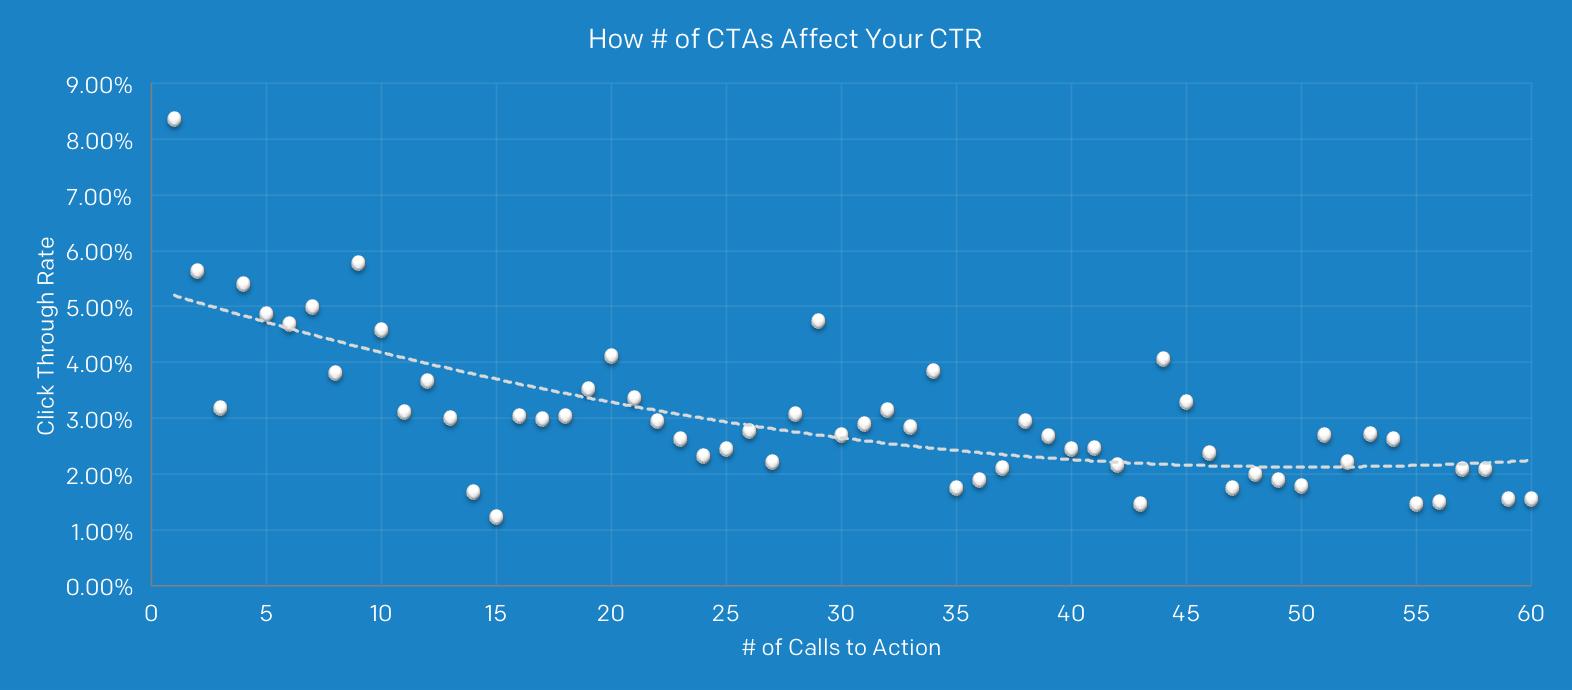 CTASandCTRGraph